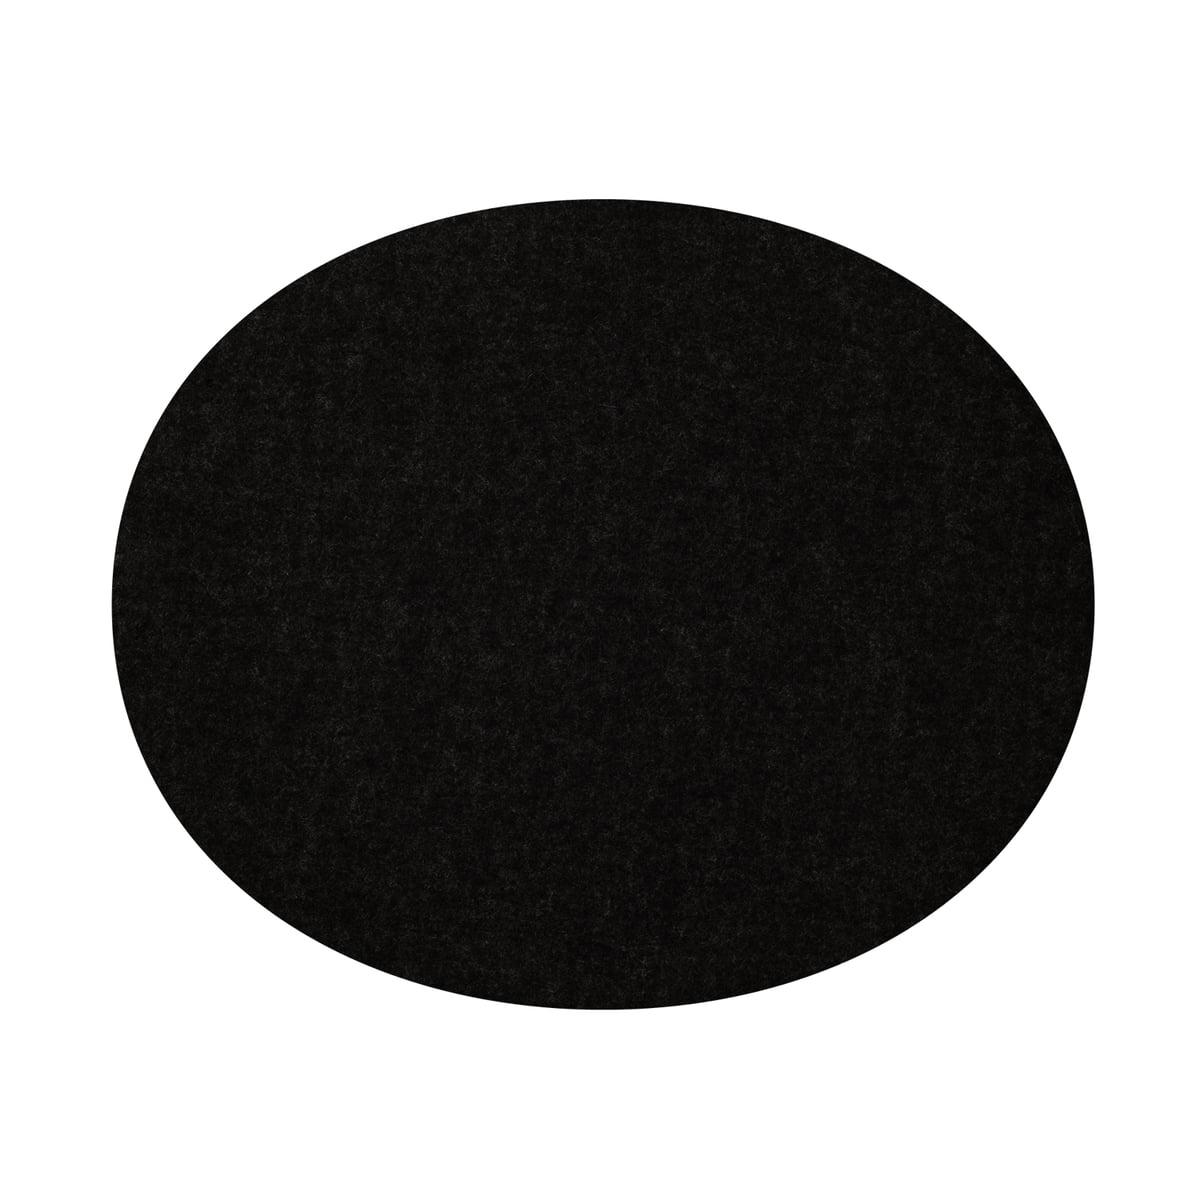 Filz-Auflage Panton Chair, schwarz 5mm AR